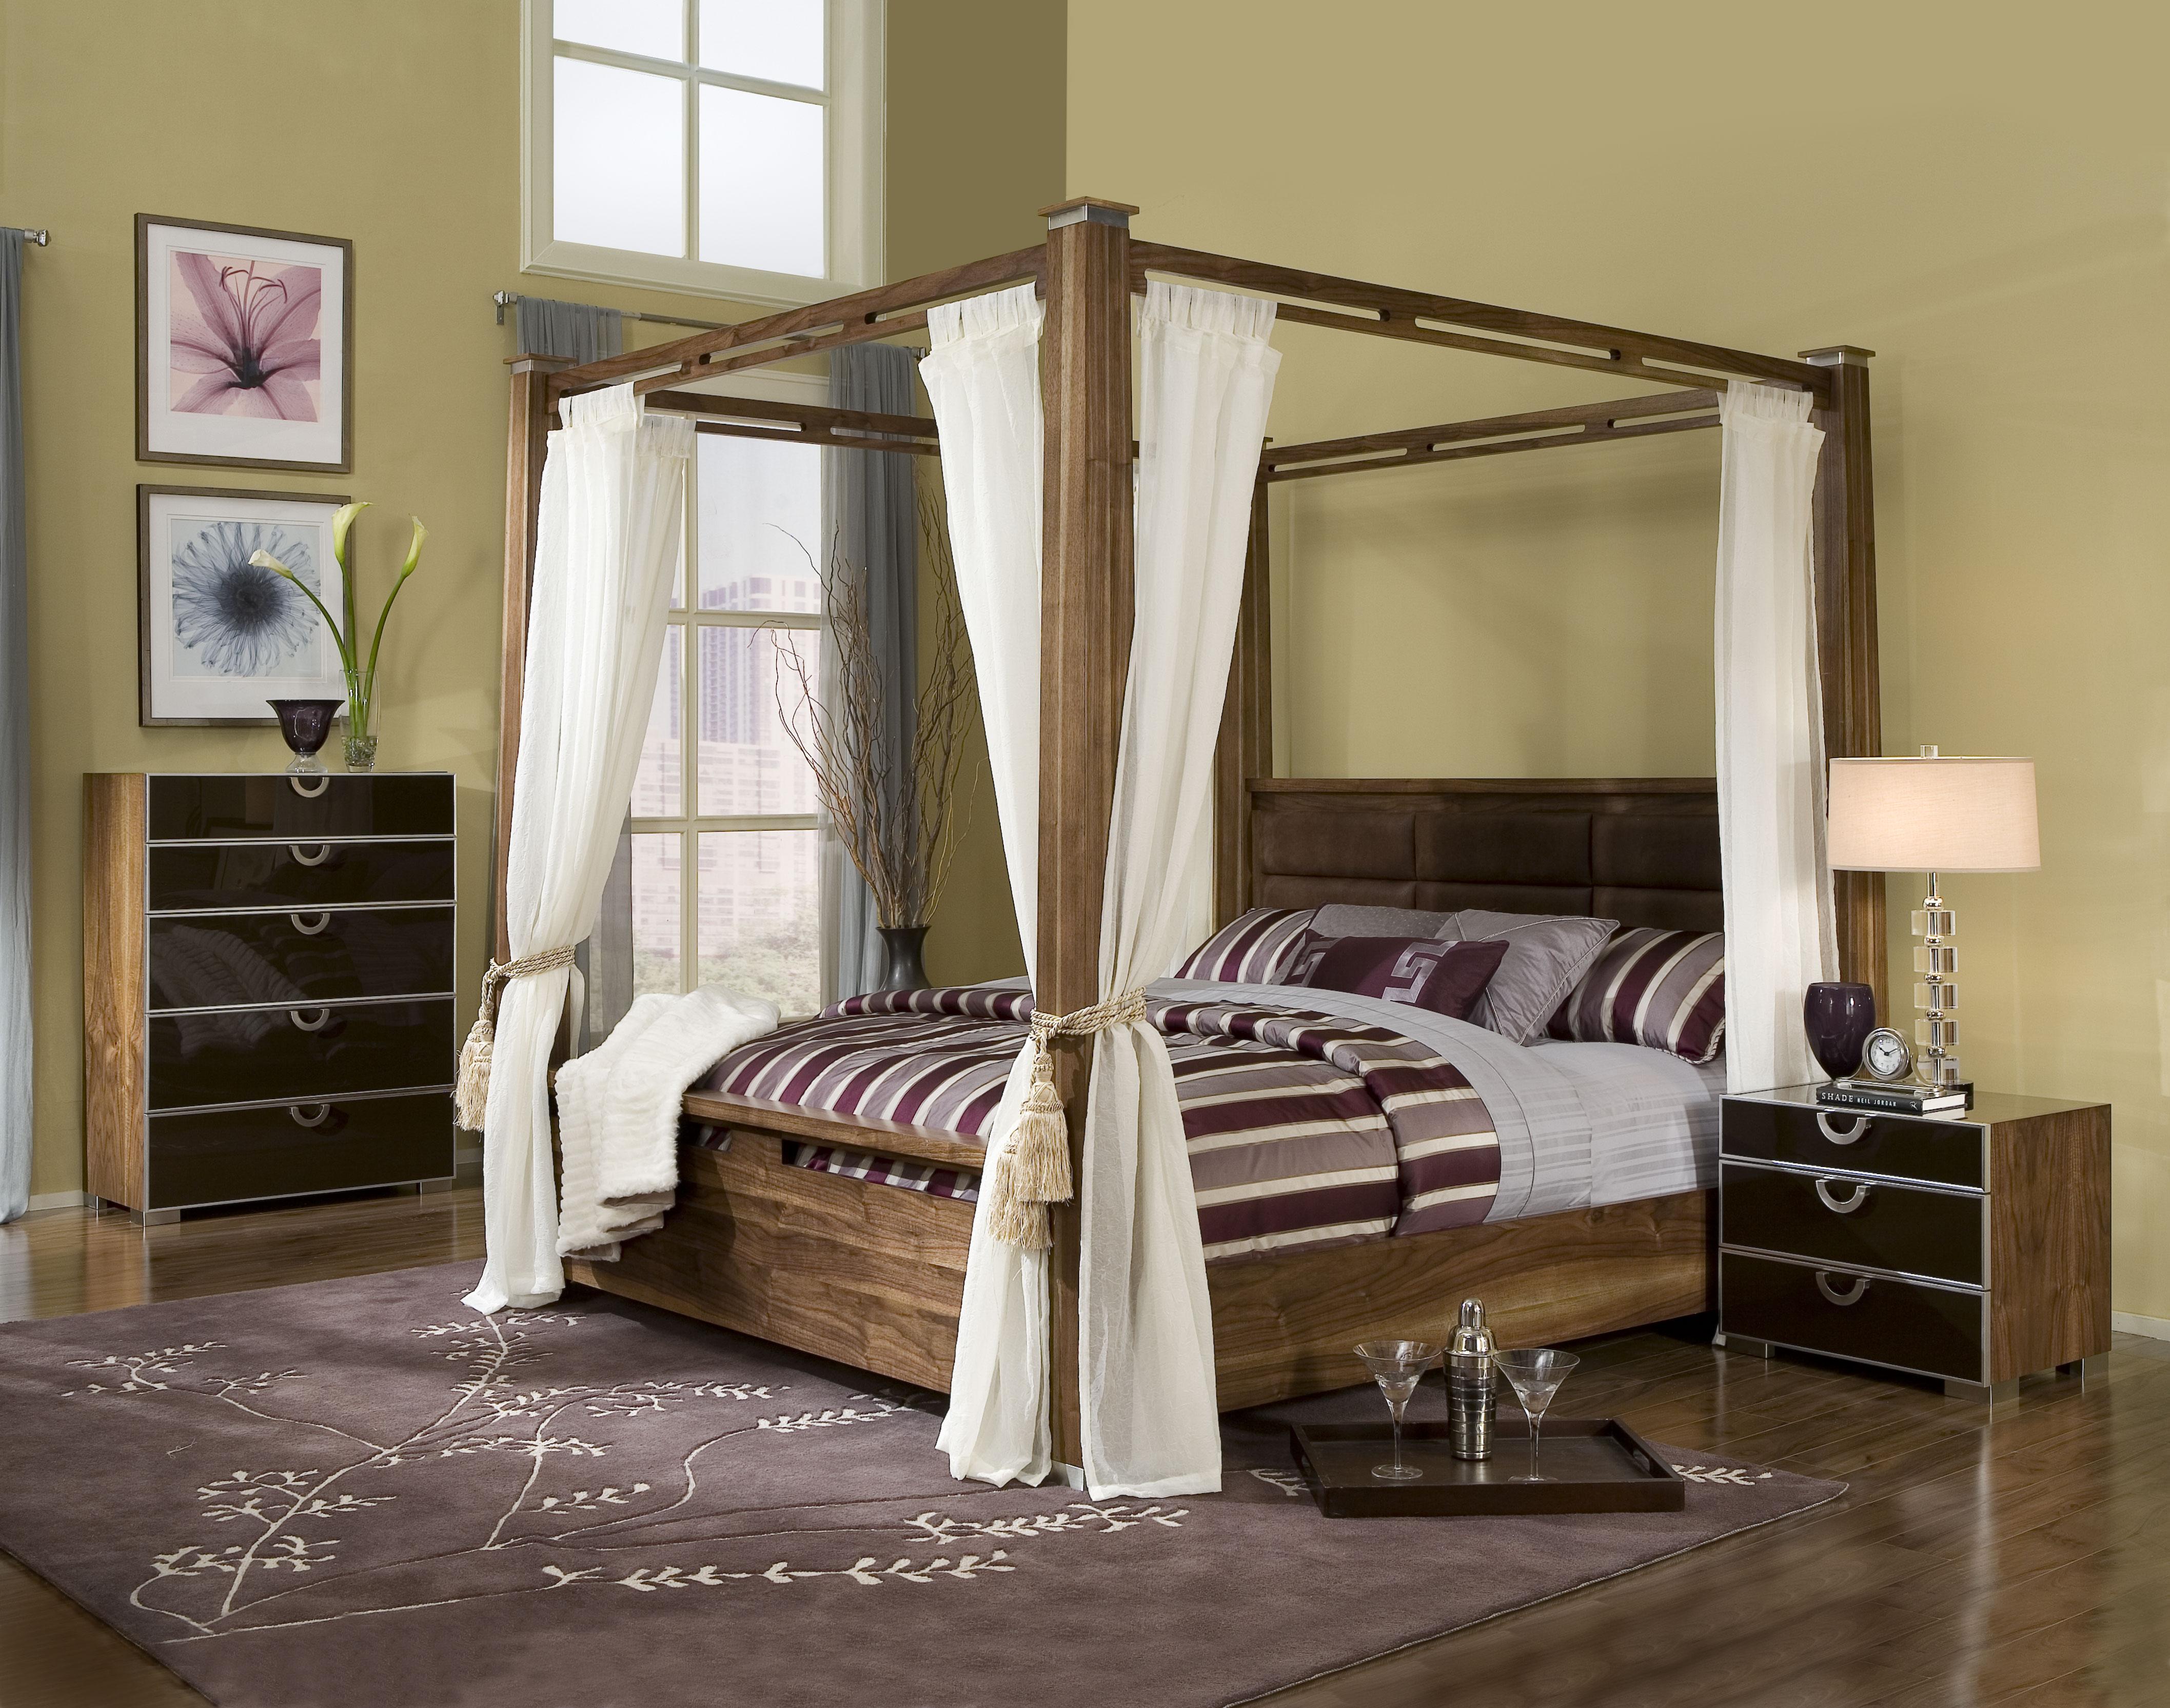 populære design-ikea-bedrom-med-smuk-træ-frame-blomst-olie-maleri-og-træ-nightstan-design-for-ikea-værelses-møbler-storage-ikea-bedrom-med-ny-modernise- møbler-design-for-fantastiske-ikea